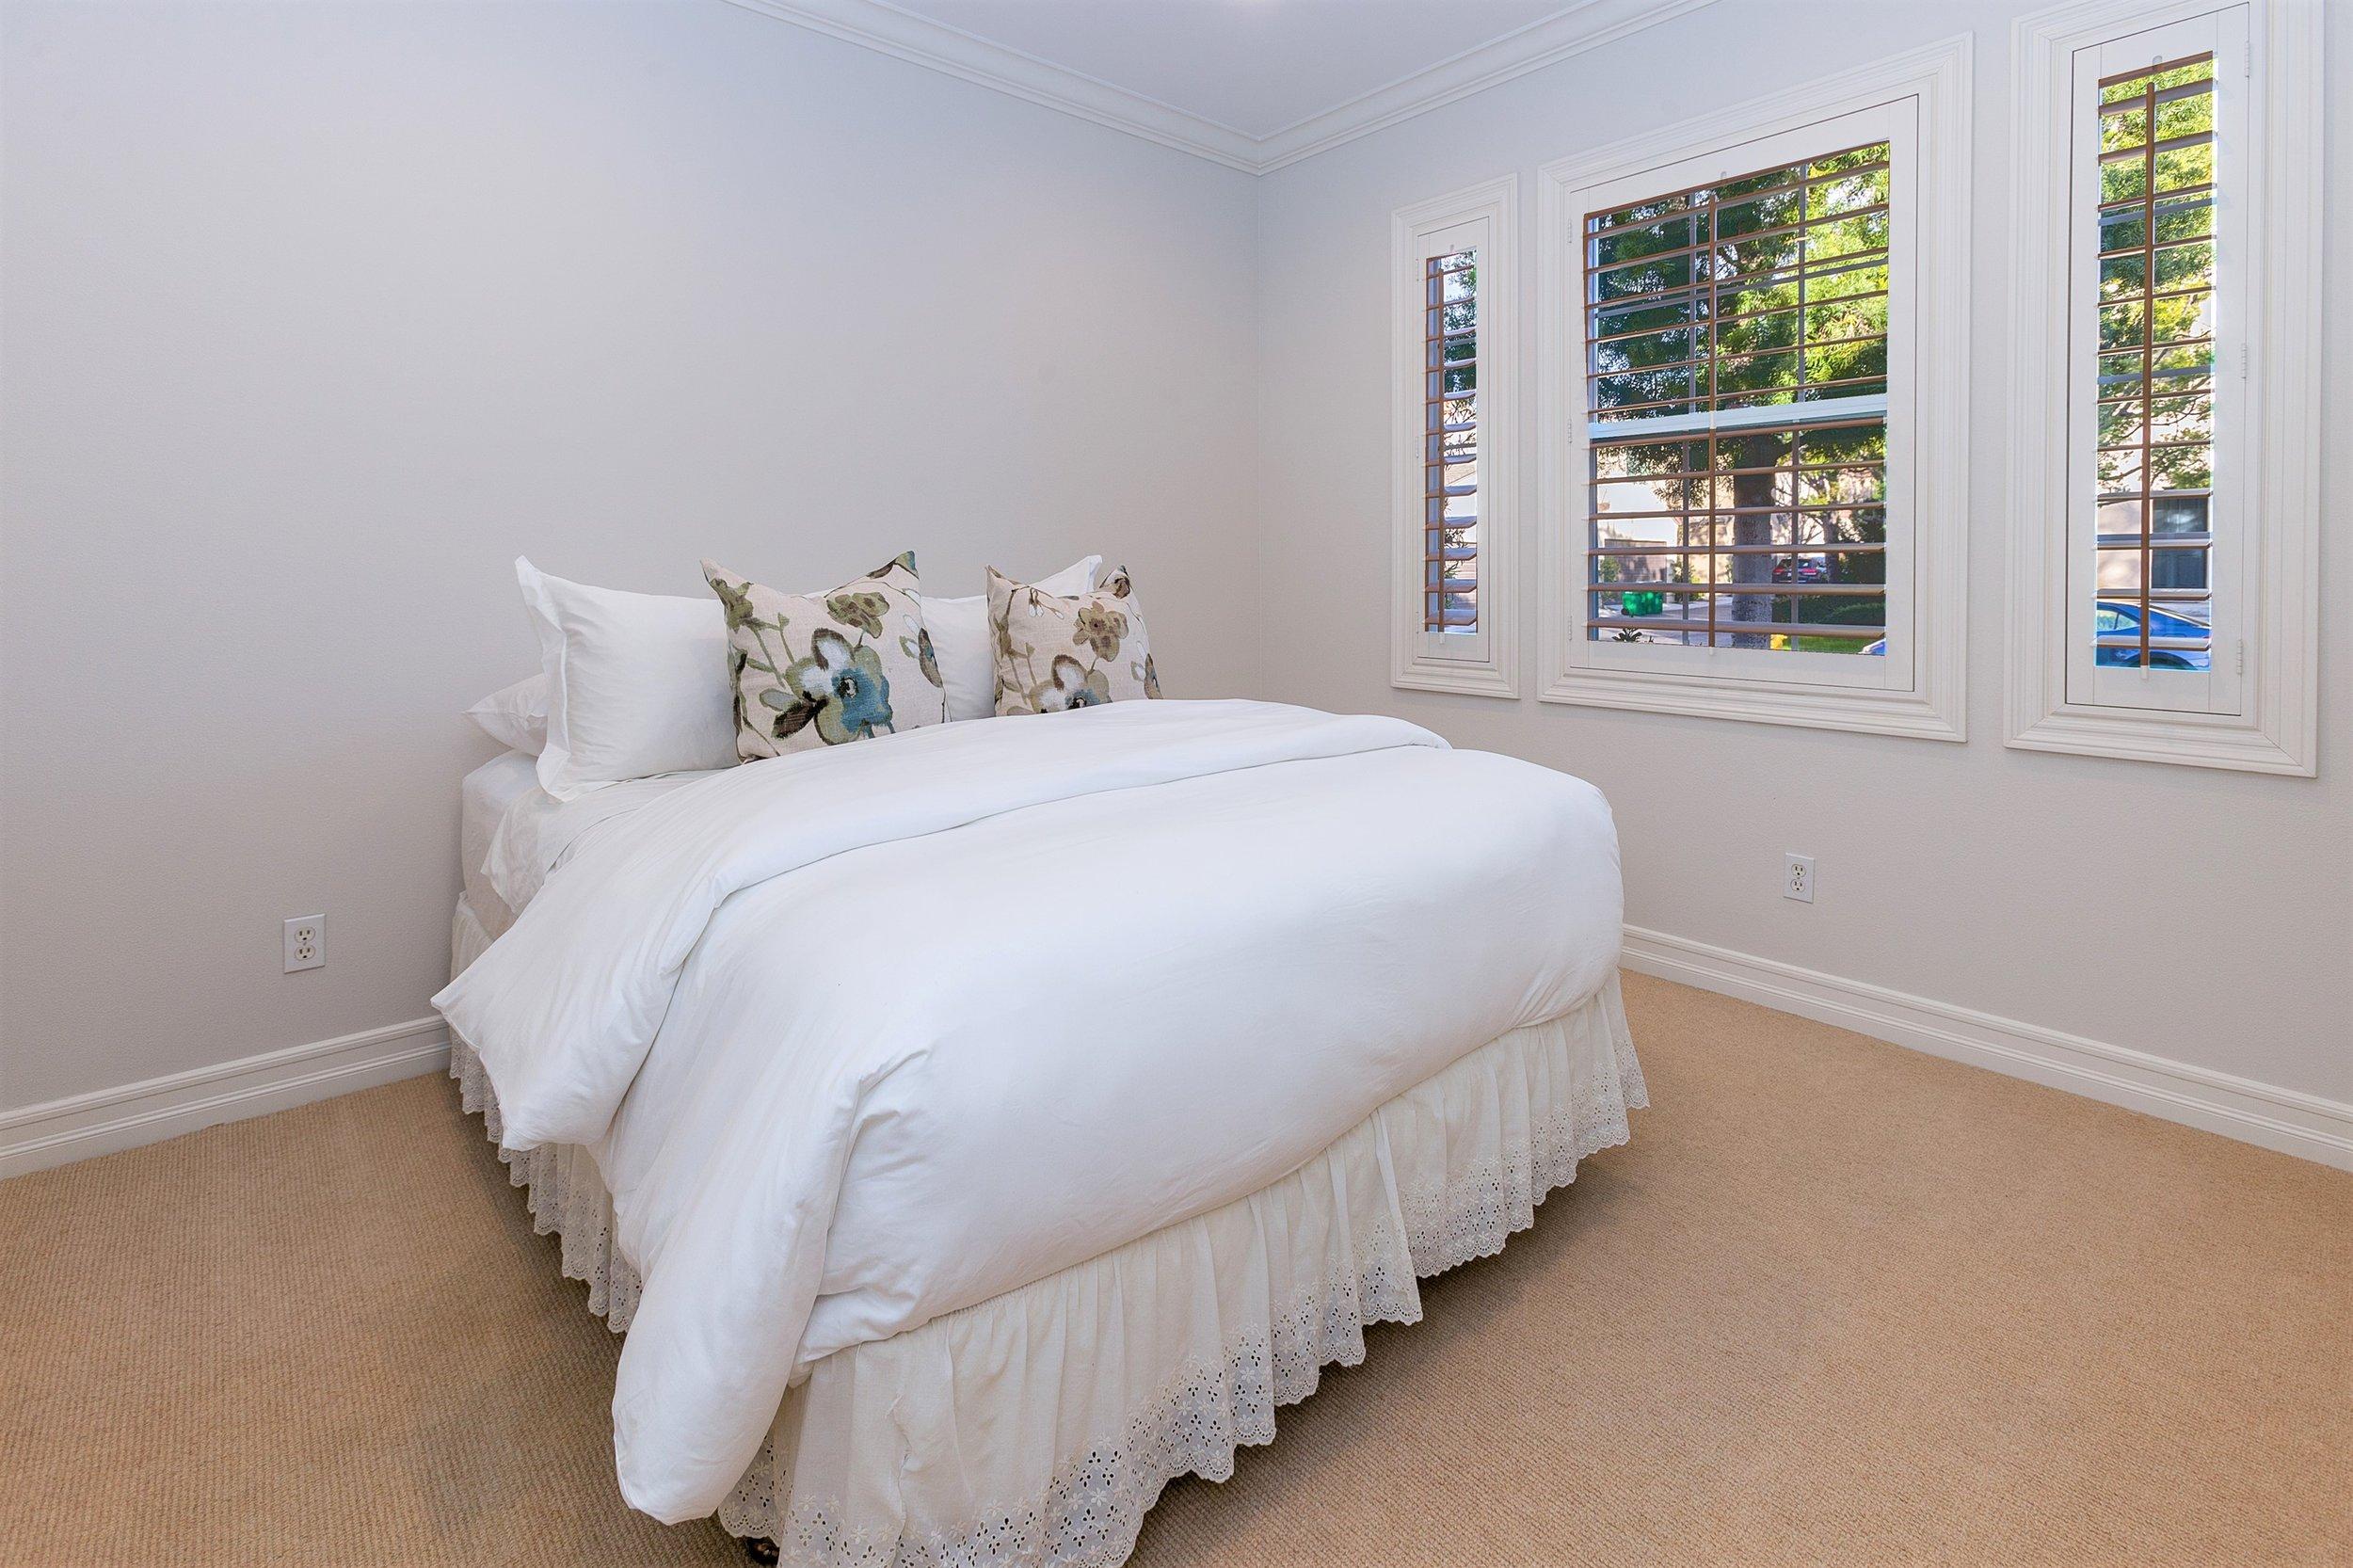 207 Tuberose - Guest (4th) Bedroom.jpg